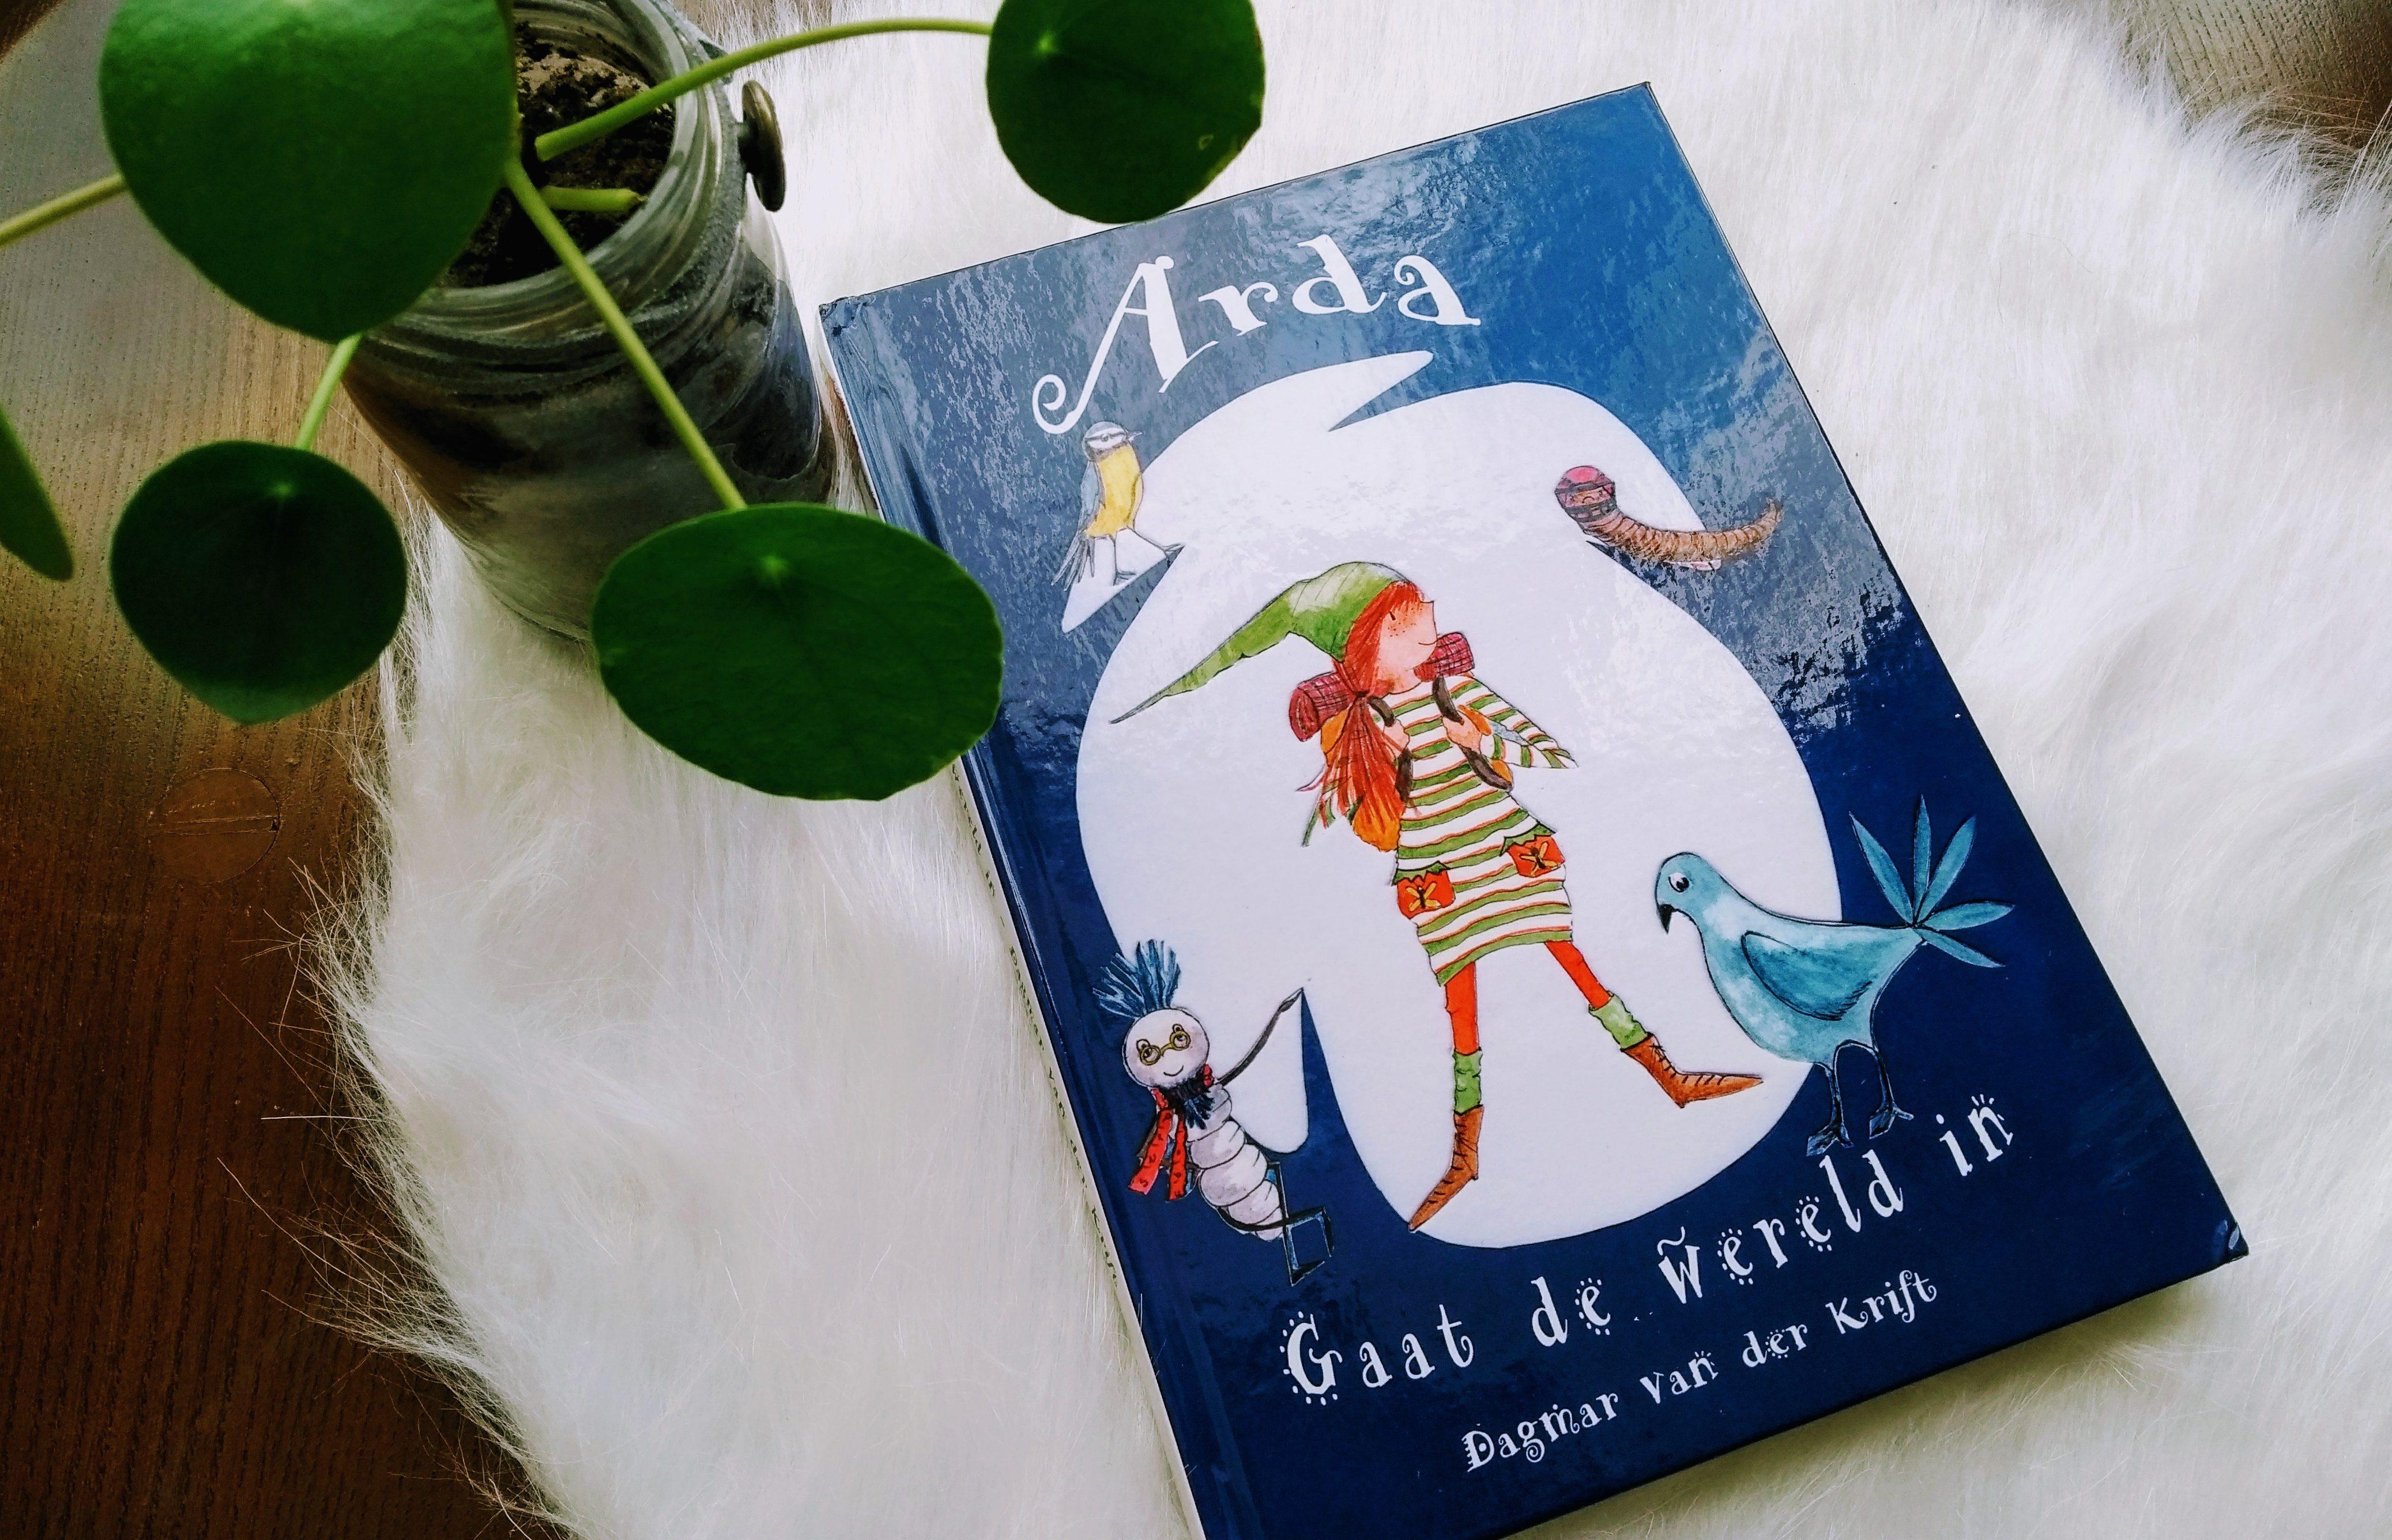 Arda, Arda gaat de wereld in, Arda het Aardrijkkaboutertje, boekreview, kinderboek, mamablog, mamablogger, kinderboeken, lezen, voorlezen, lalog, lalog.nl, lalogblog